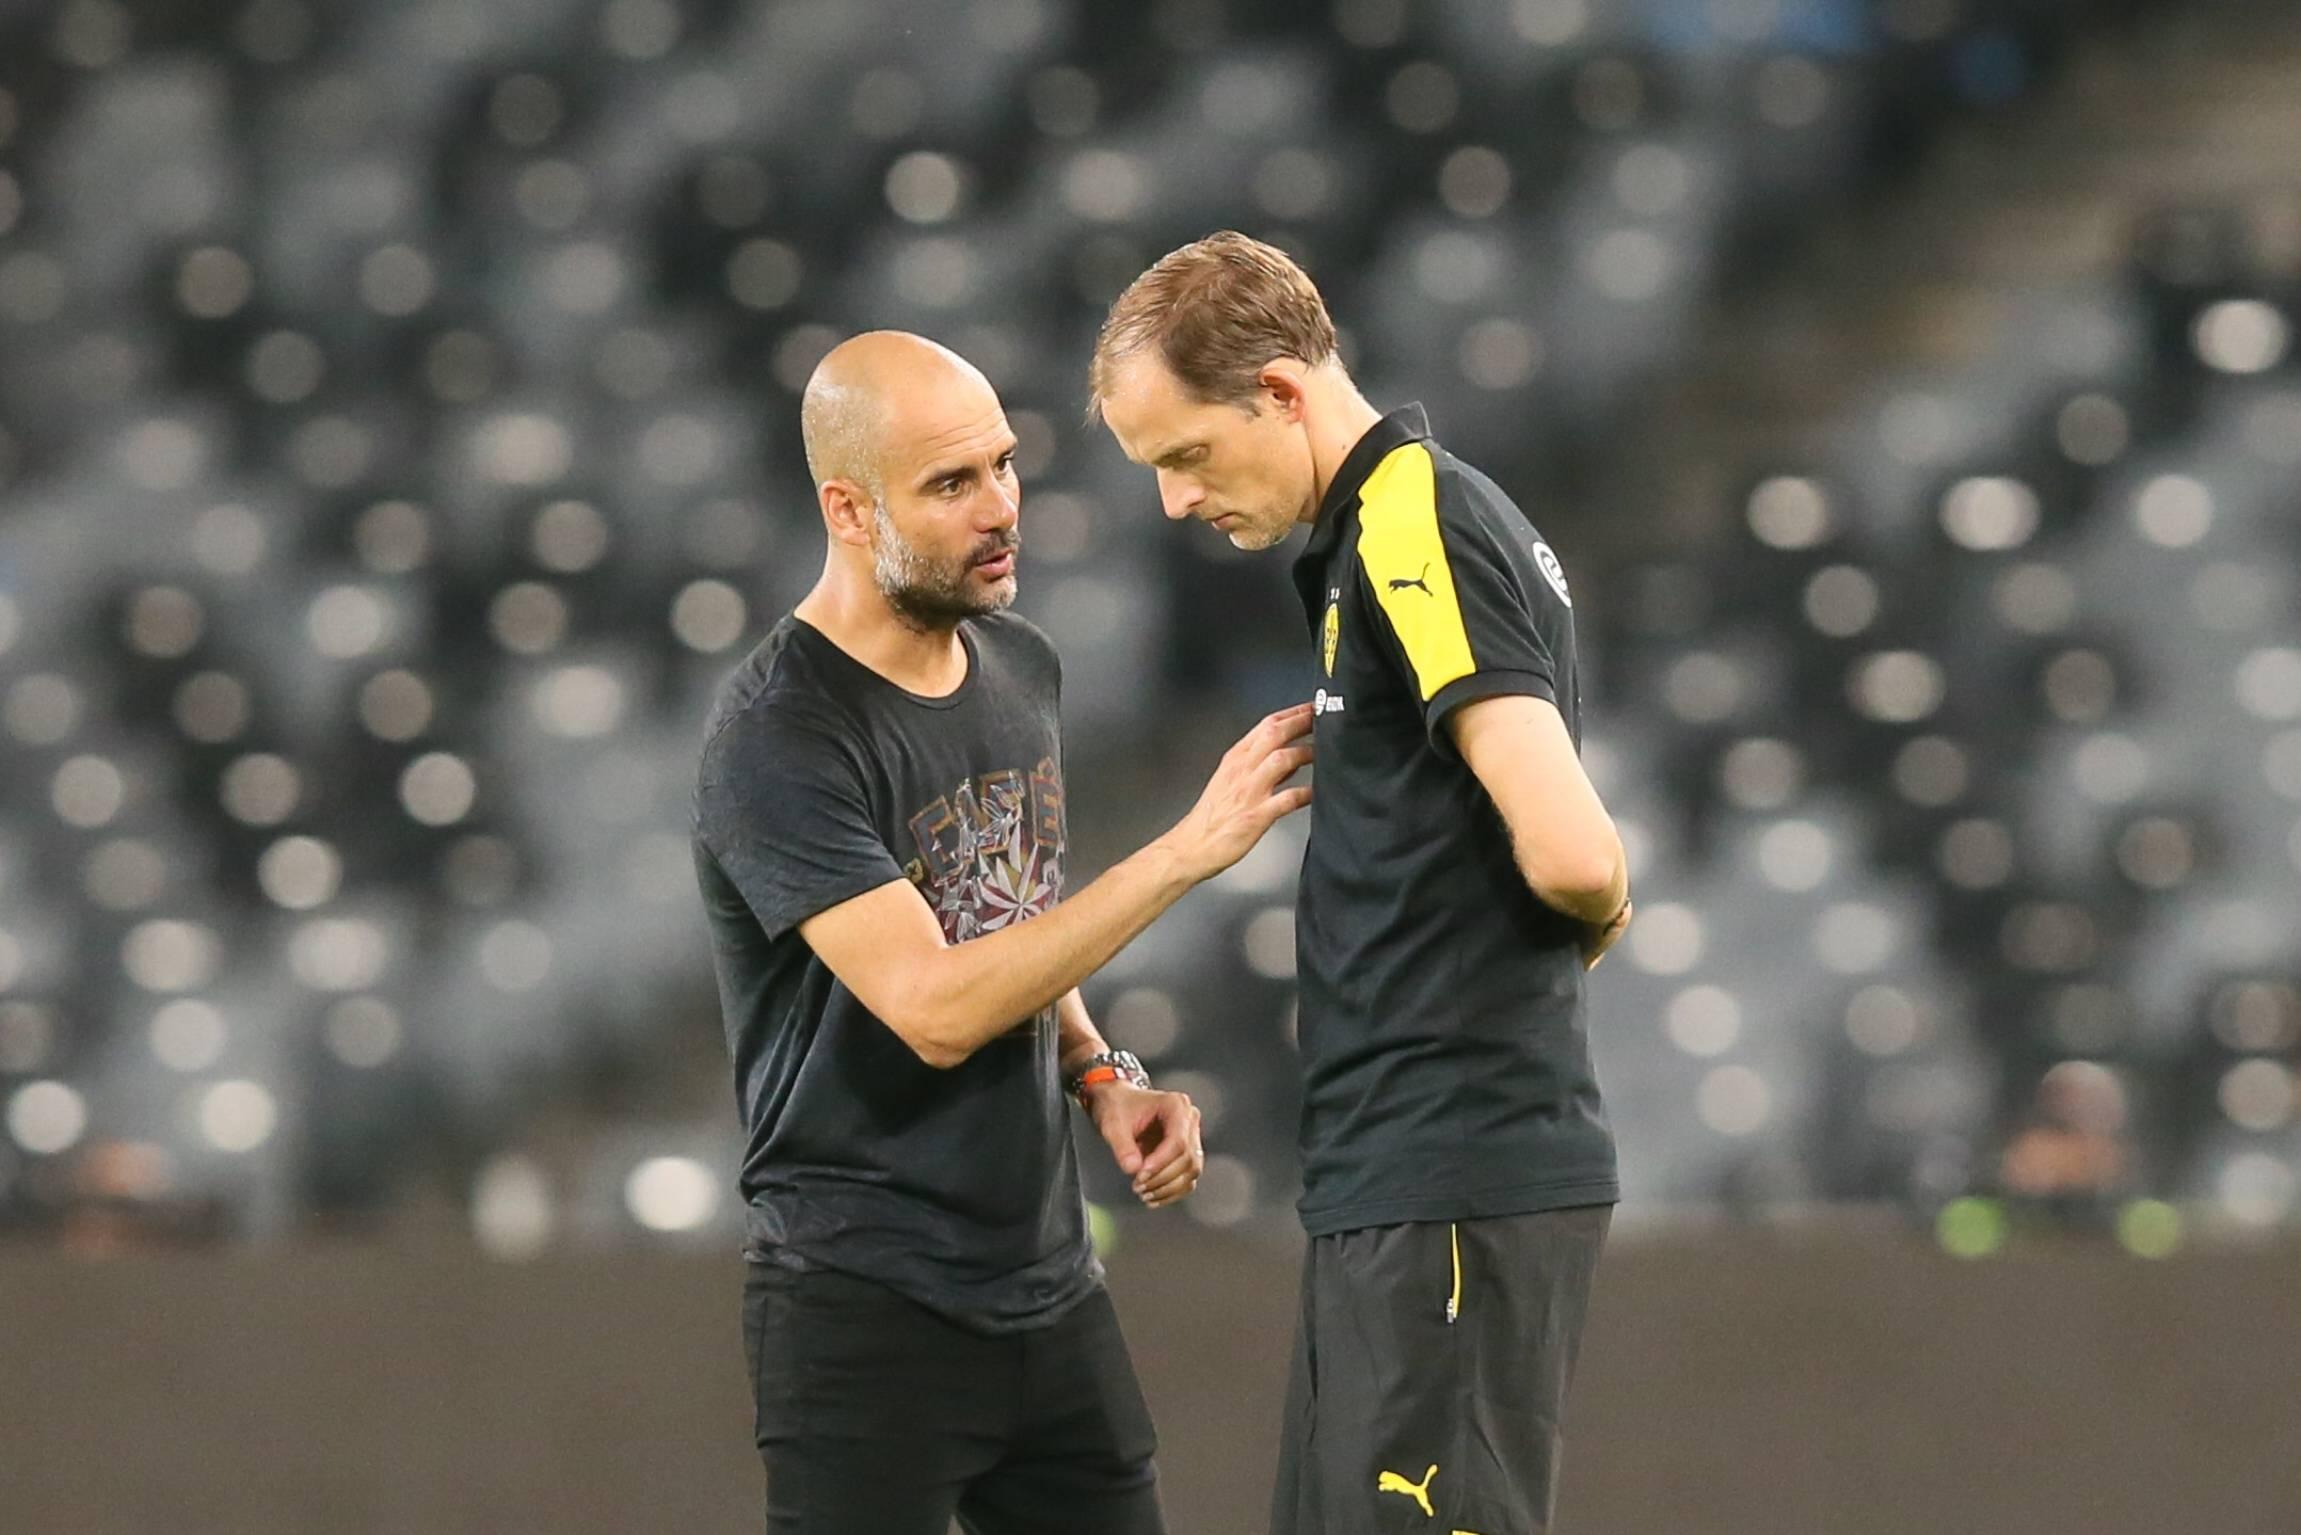 Pep Guardiola (ManCity) Tuchel (damals BVB, jetzt Chelsea) im Gespräch